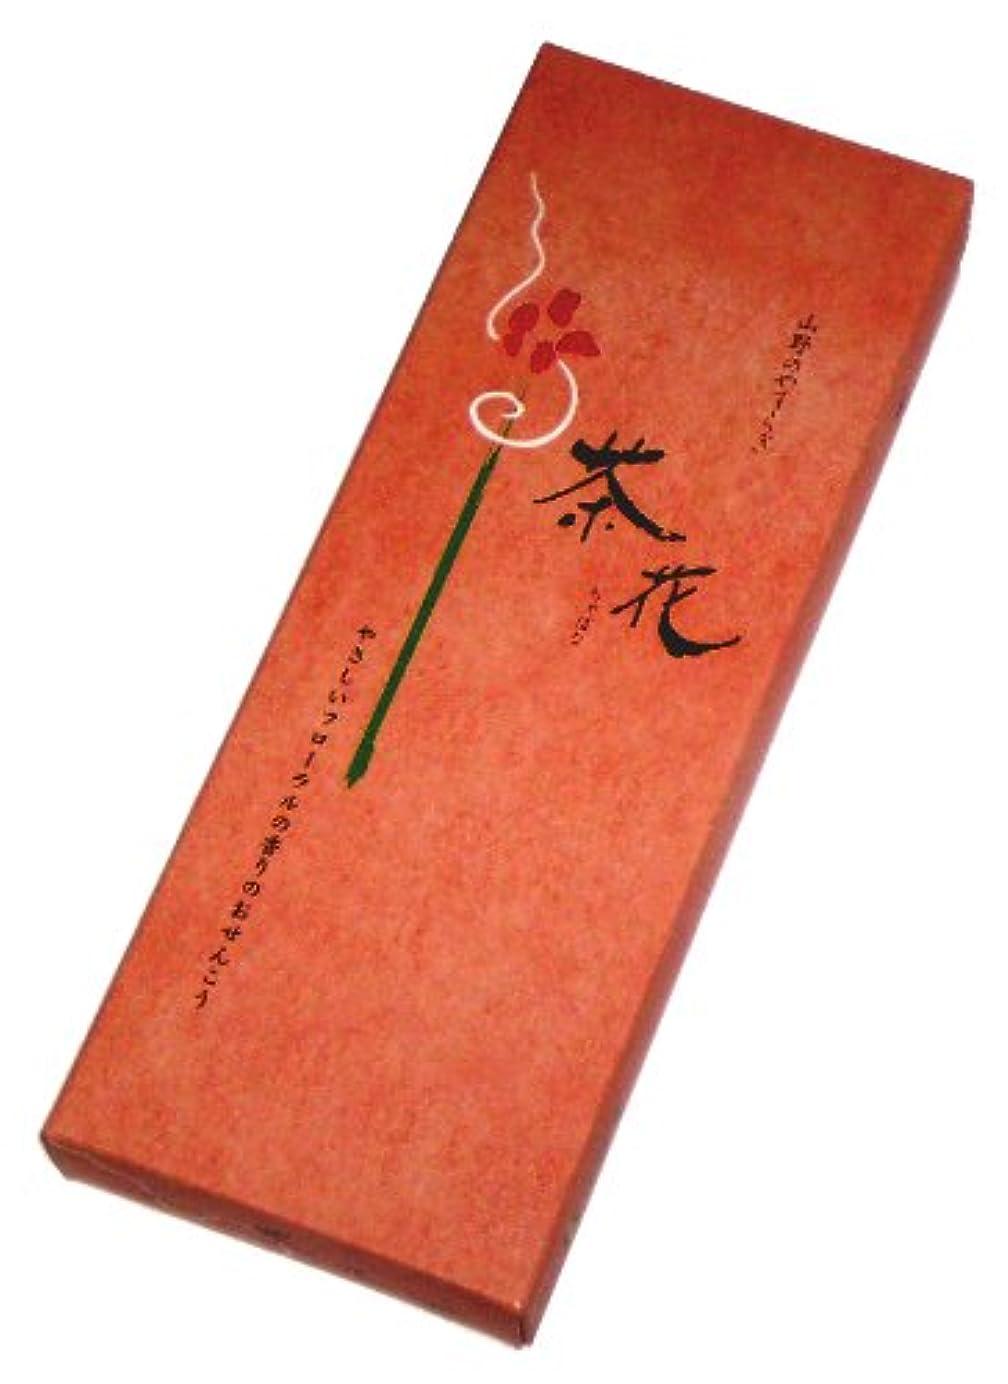 急速なマイルド優先権尚林堂のお線香 茶花 有煙 長寸バラ